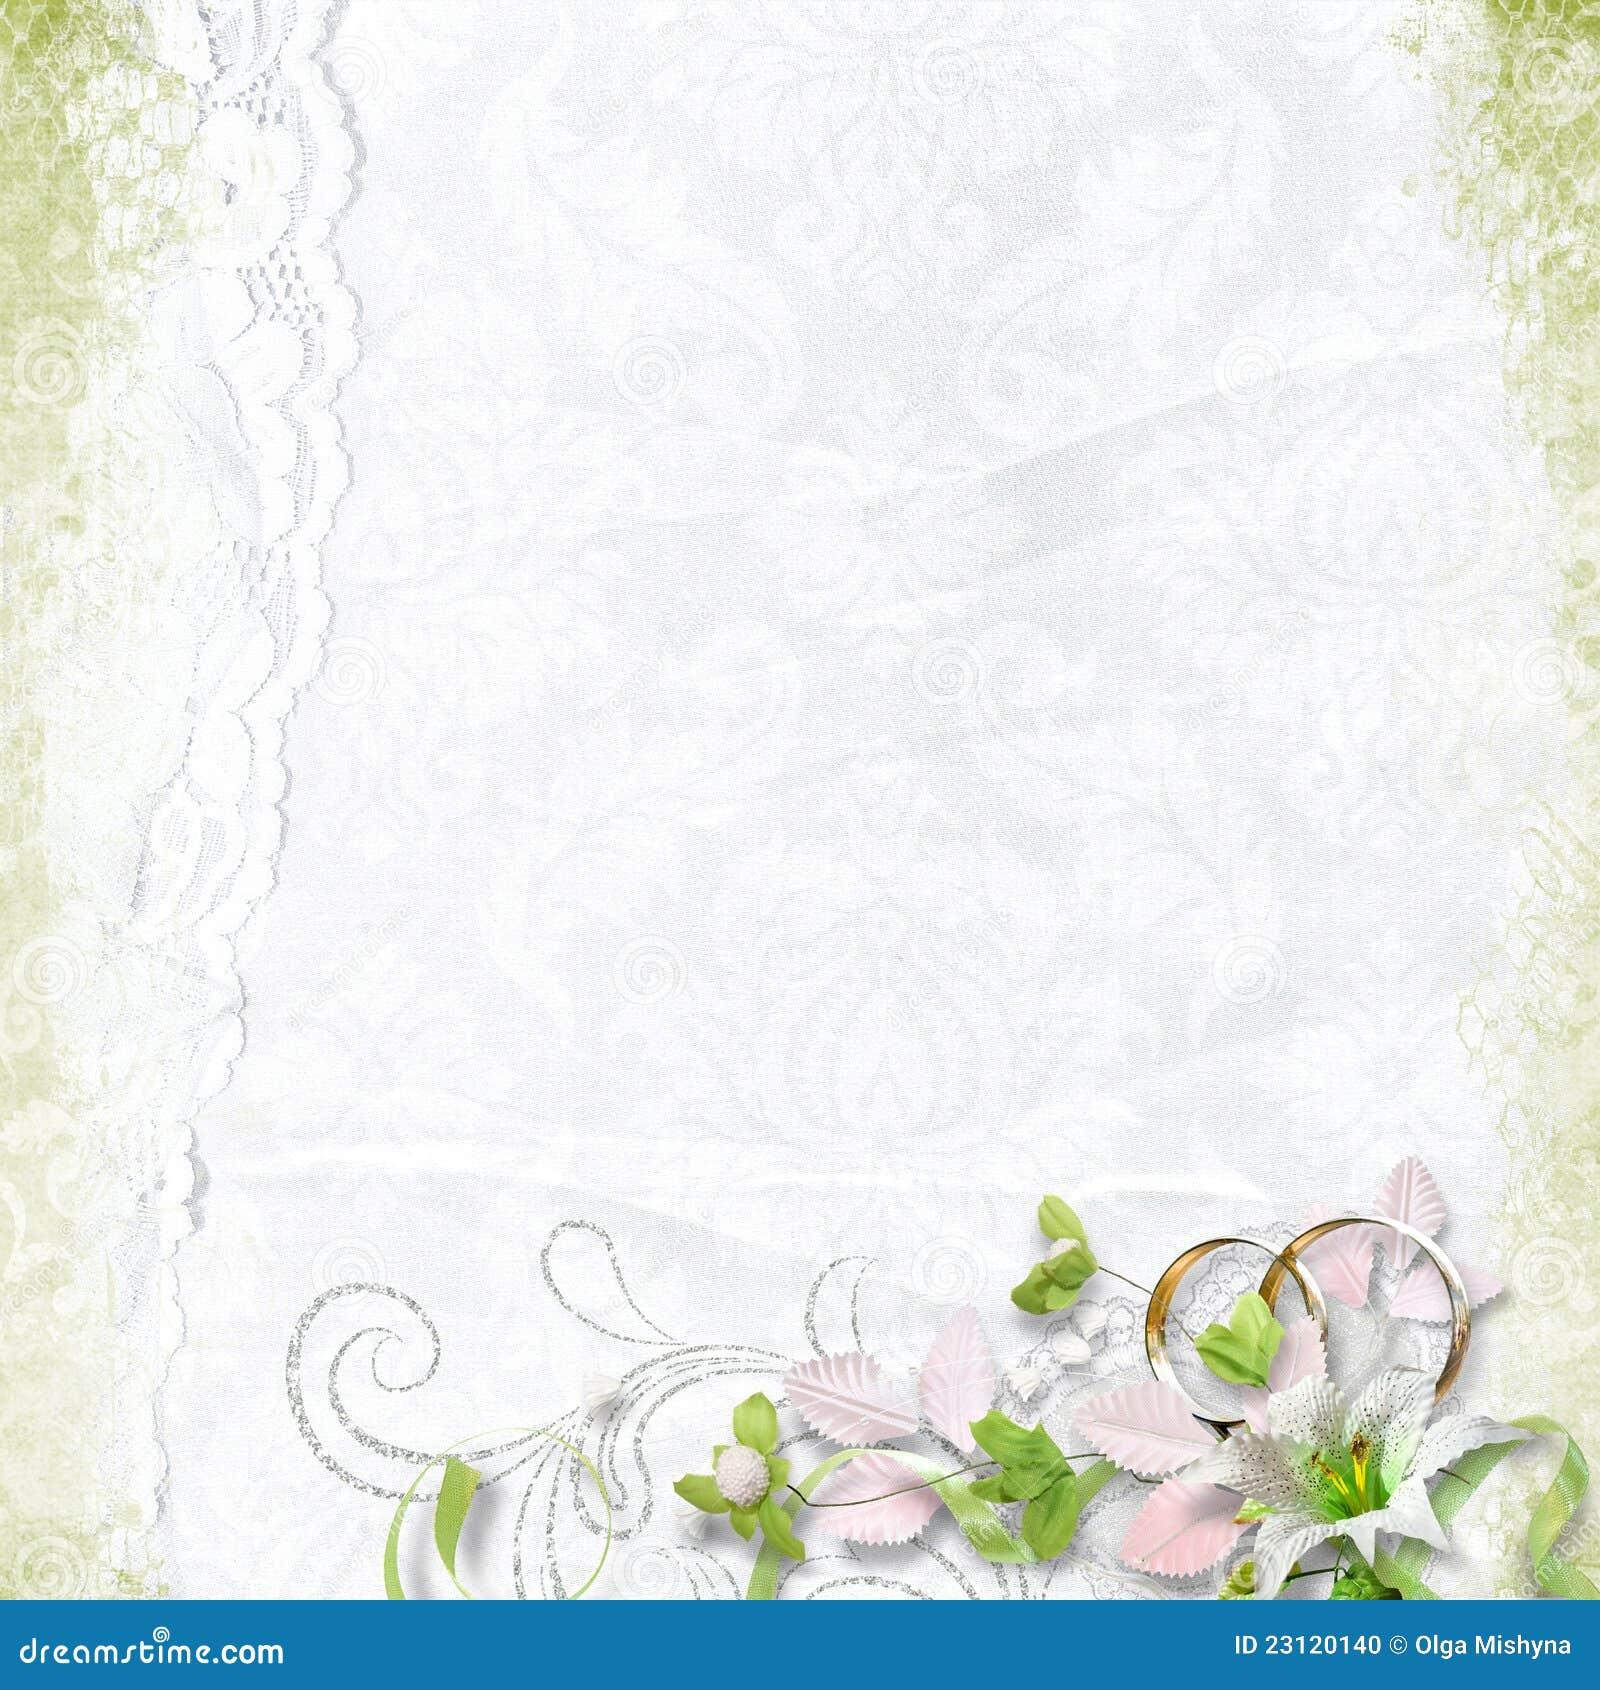 wedding background stock photography - photo #14